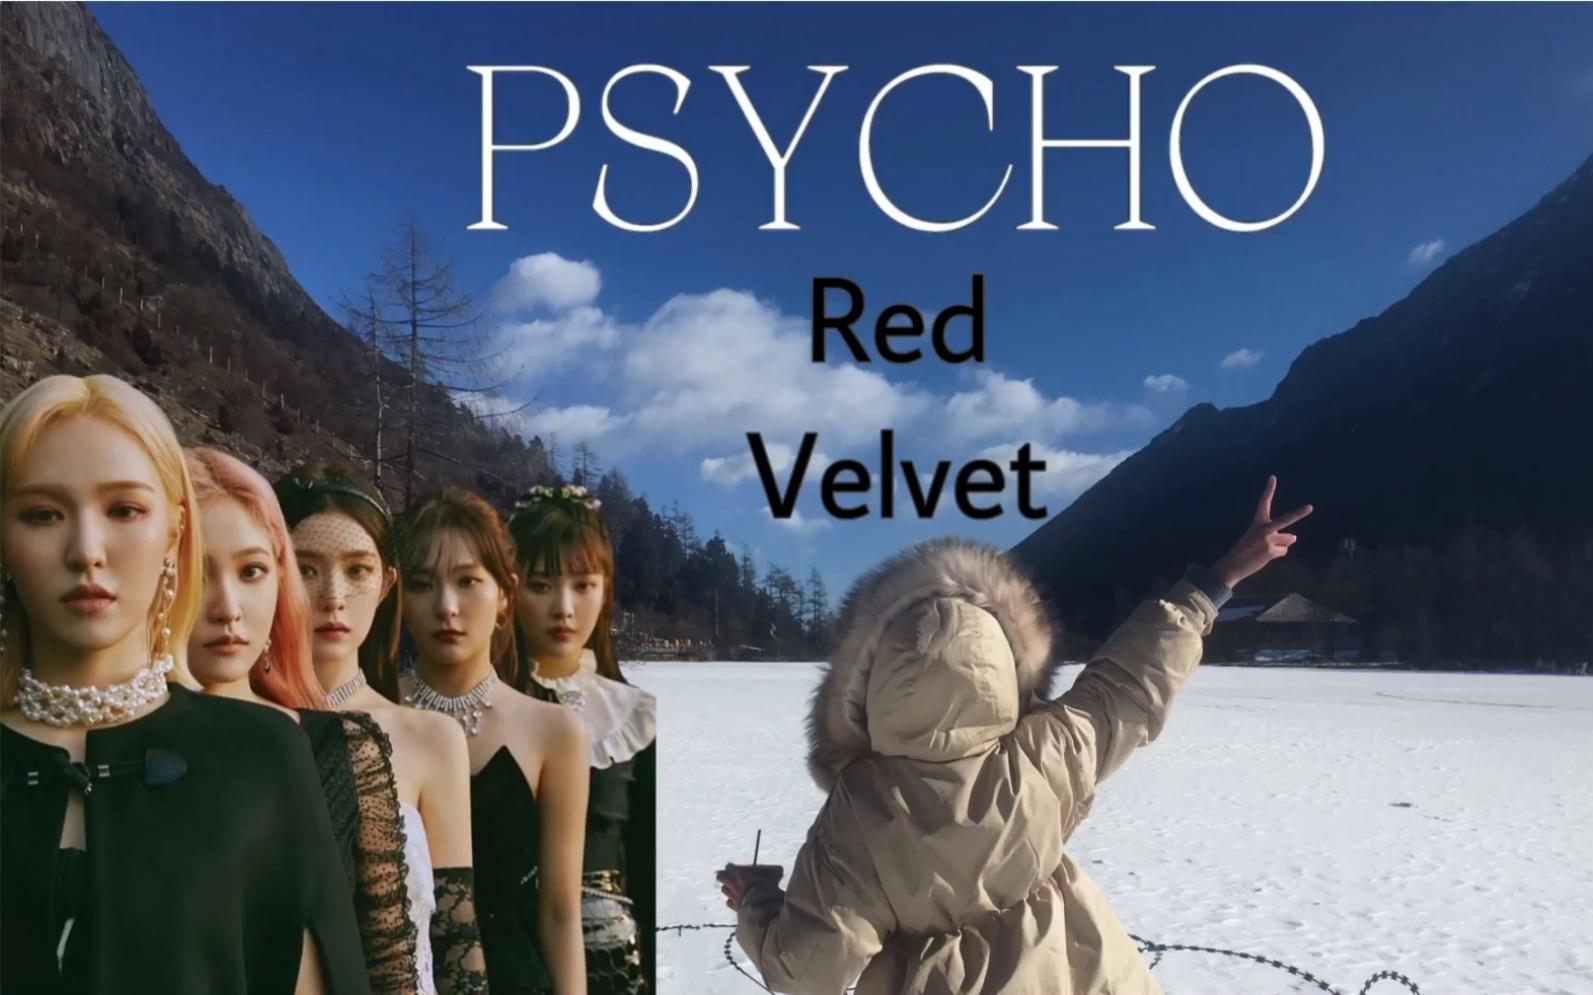 零下12度的雪地里翻跳【Psycho】|带着红贝贝Red Velvet新歌去旅游